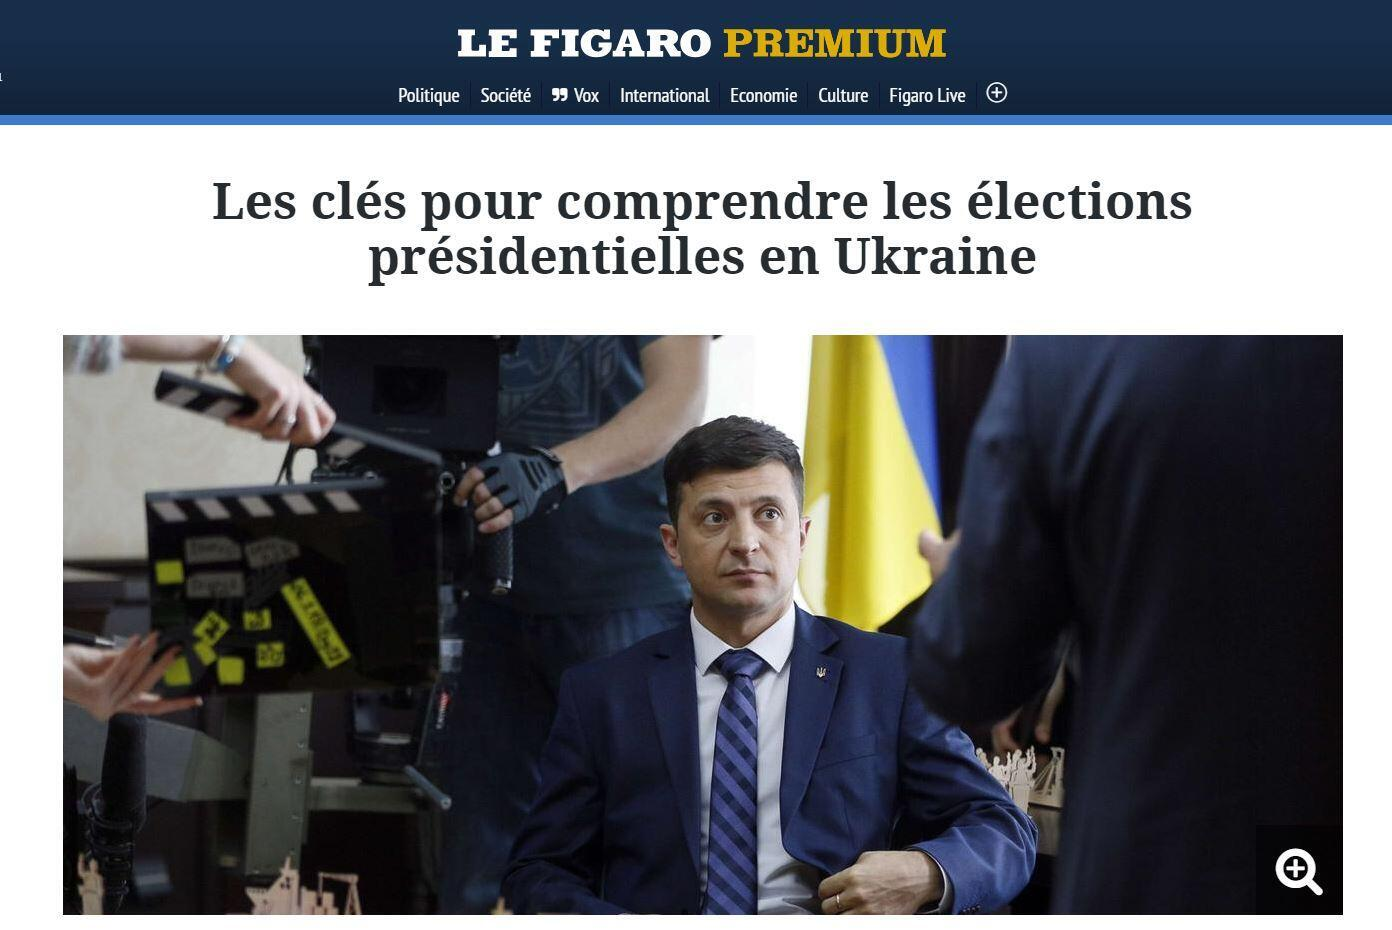 Le Figaro предлагает ключи к пониманию выборов в Украине.